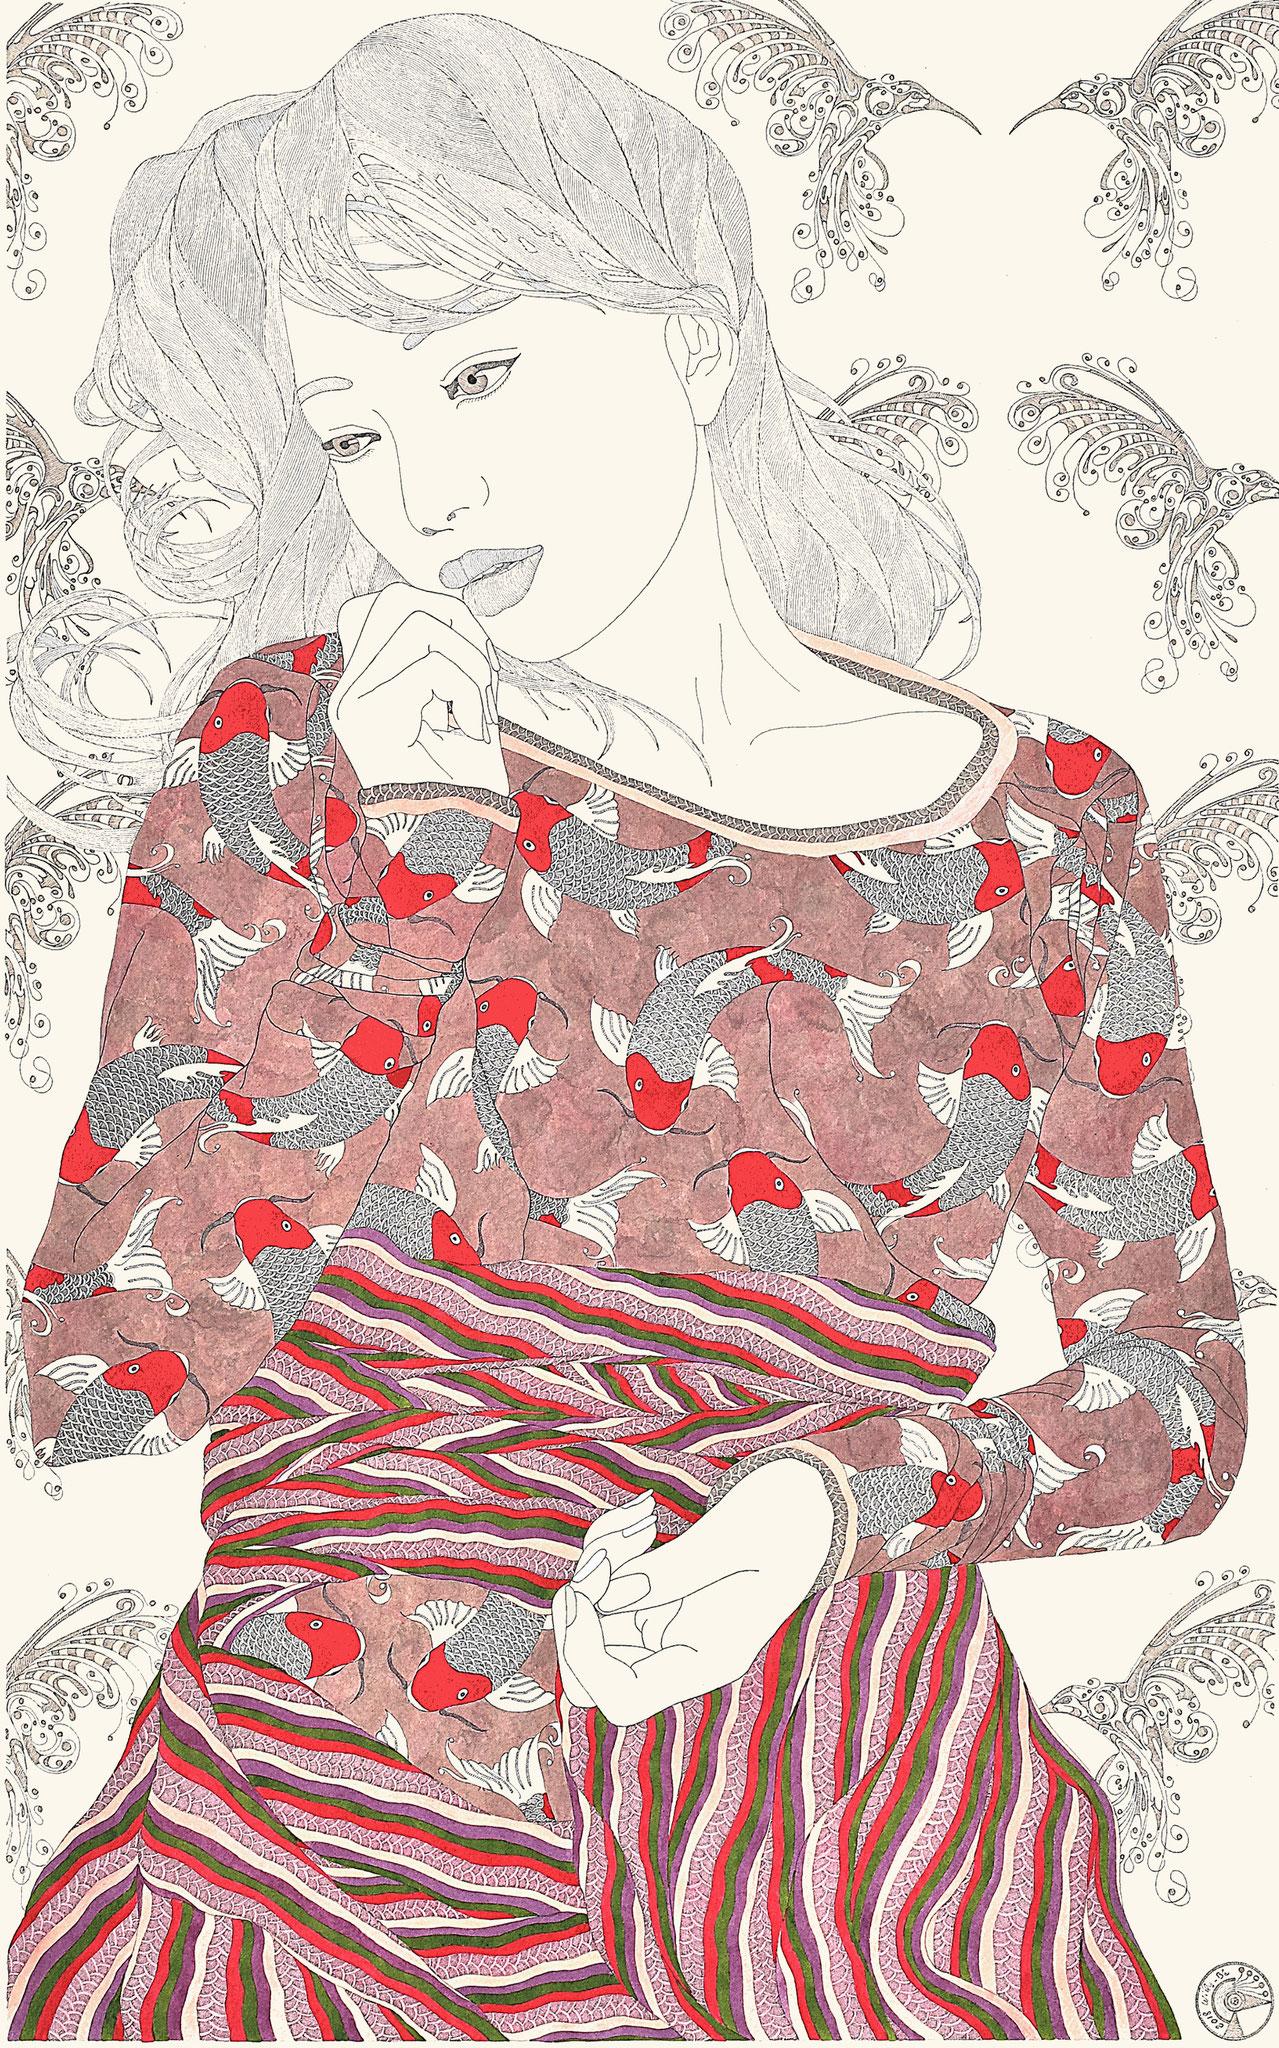 Jeune fille 1 - encre de chine et acrylique - 60 x 80 cm